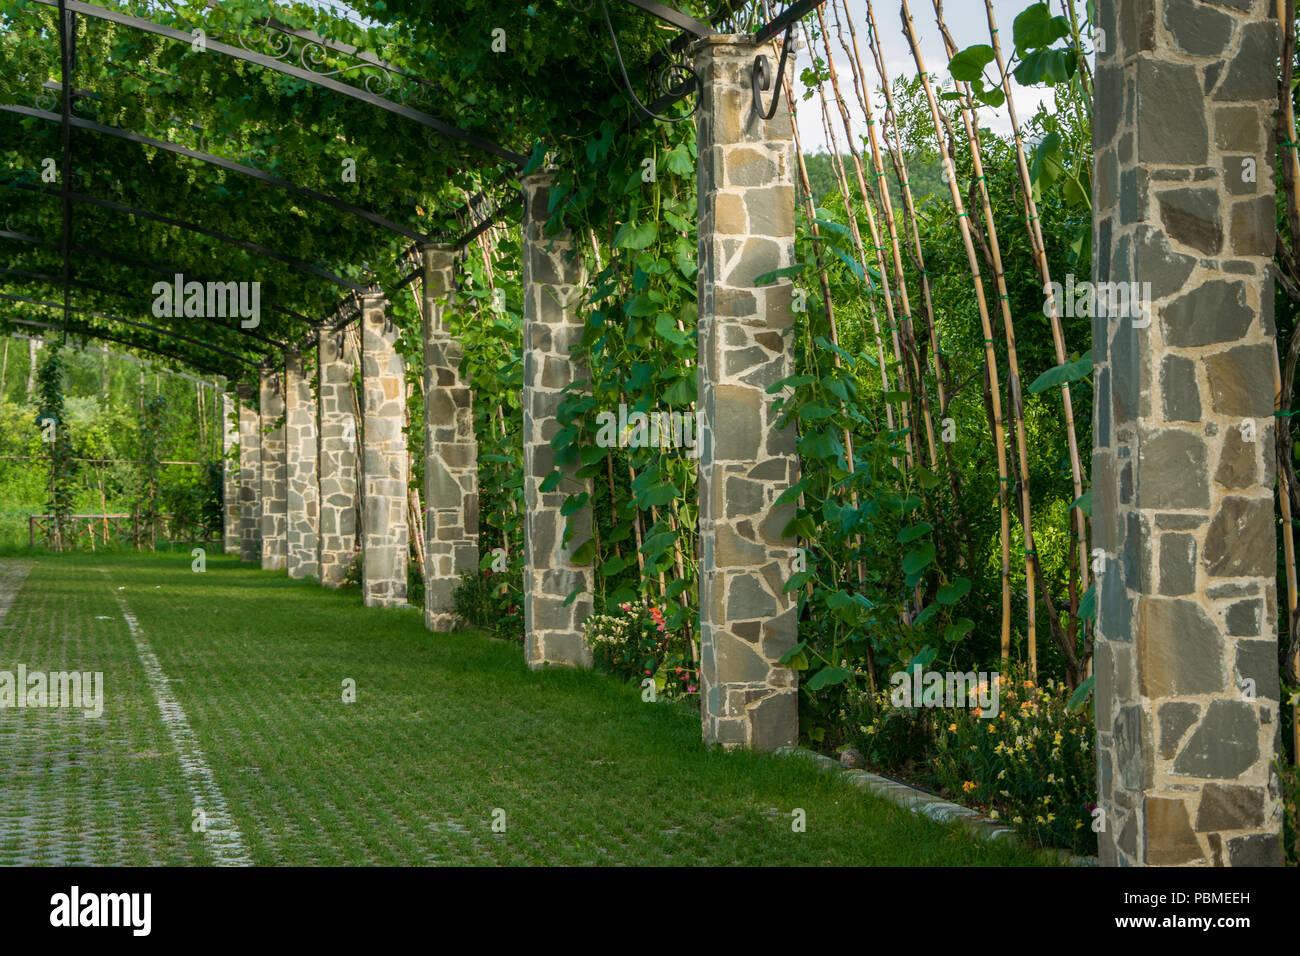 Pergola Garten Torbogen In Einem Gartenpark Mit Klettern Trauben